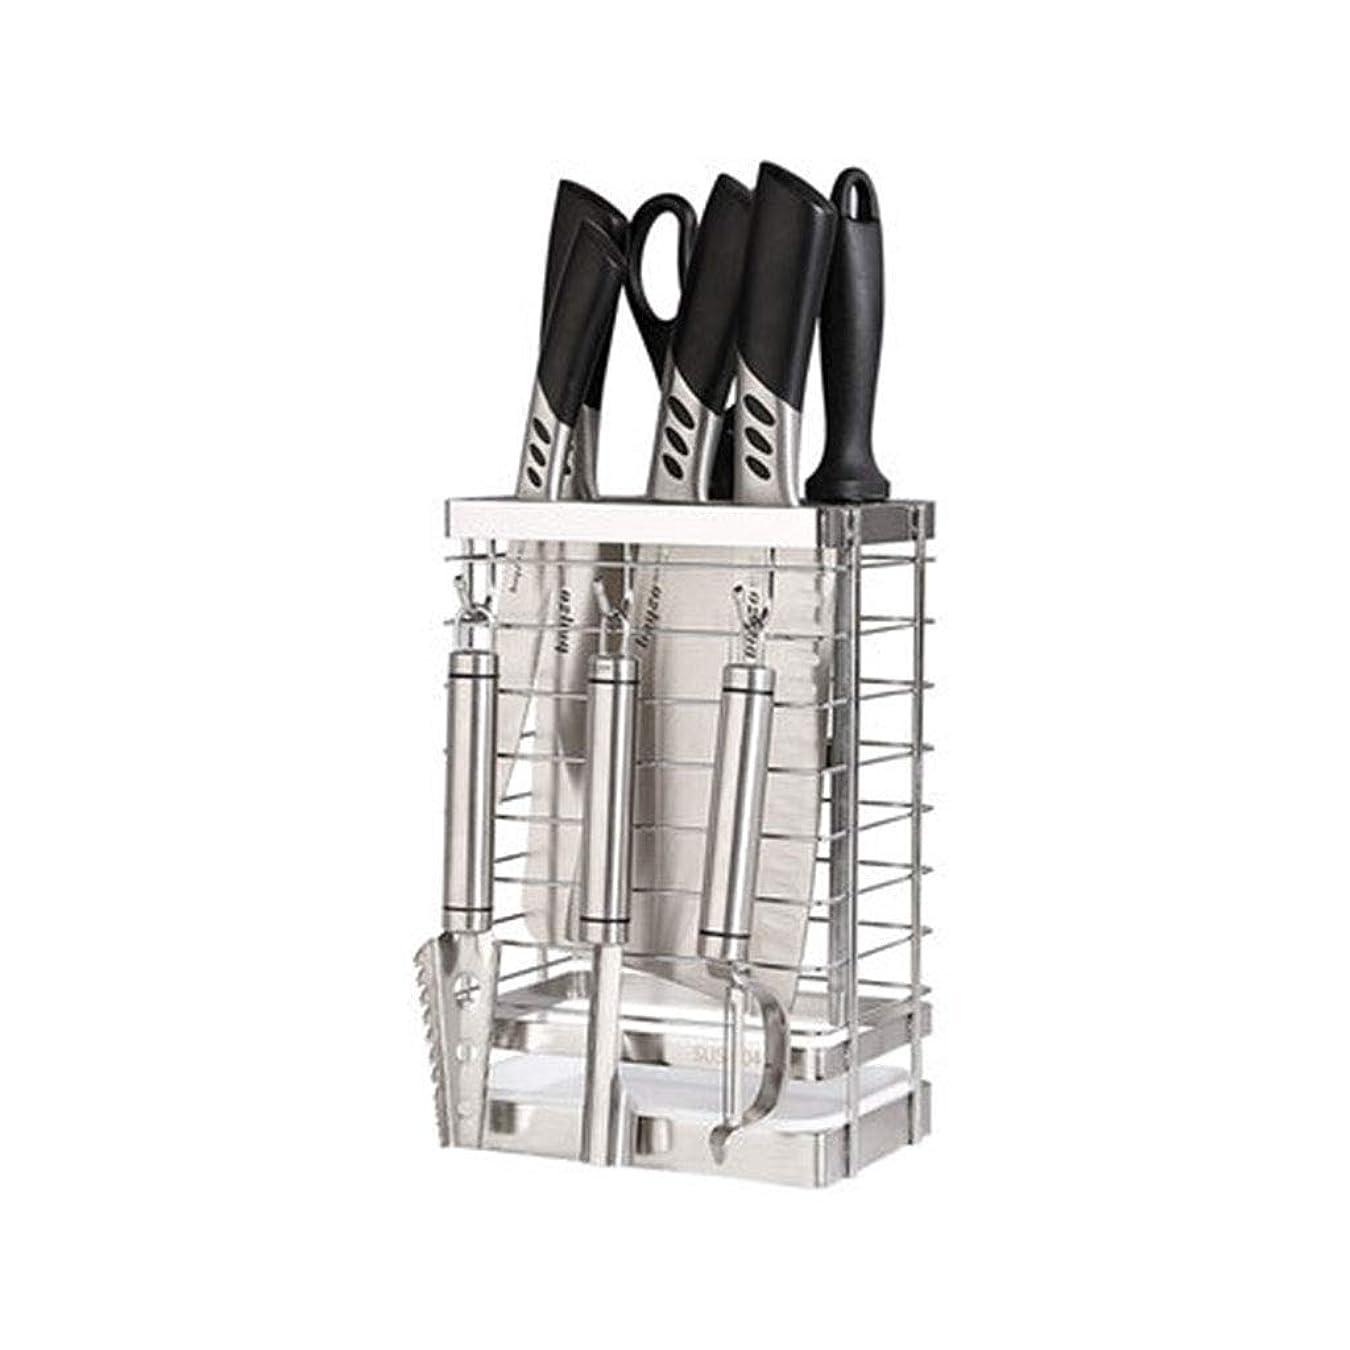 男みなさん黒板ナイフブロック 6つのスロット家庭用工具カウンターストレージステンレス鋼ナイフブロック中空ユニバーサル空ナイフホルダー 0710